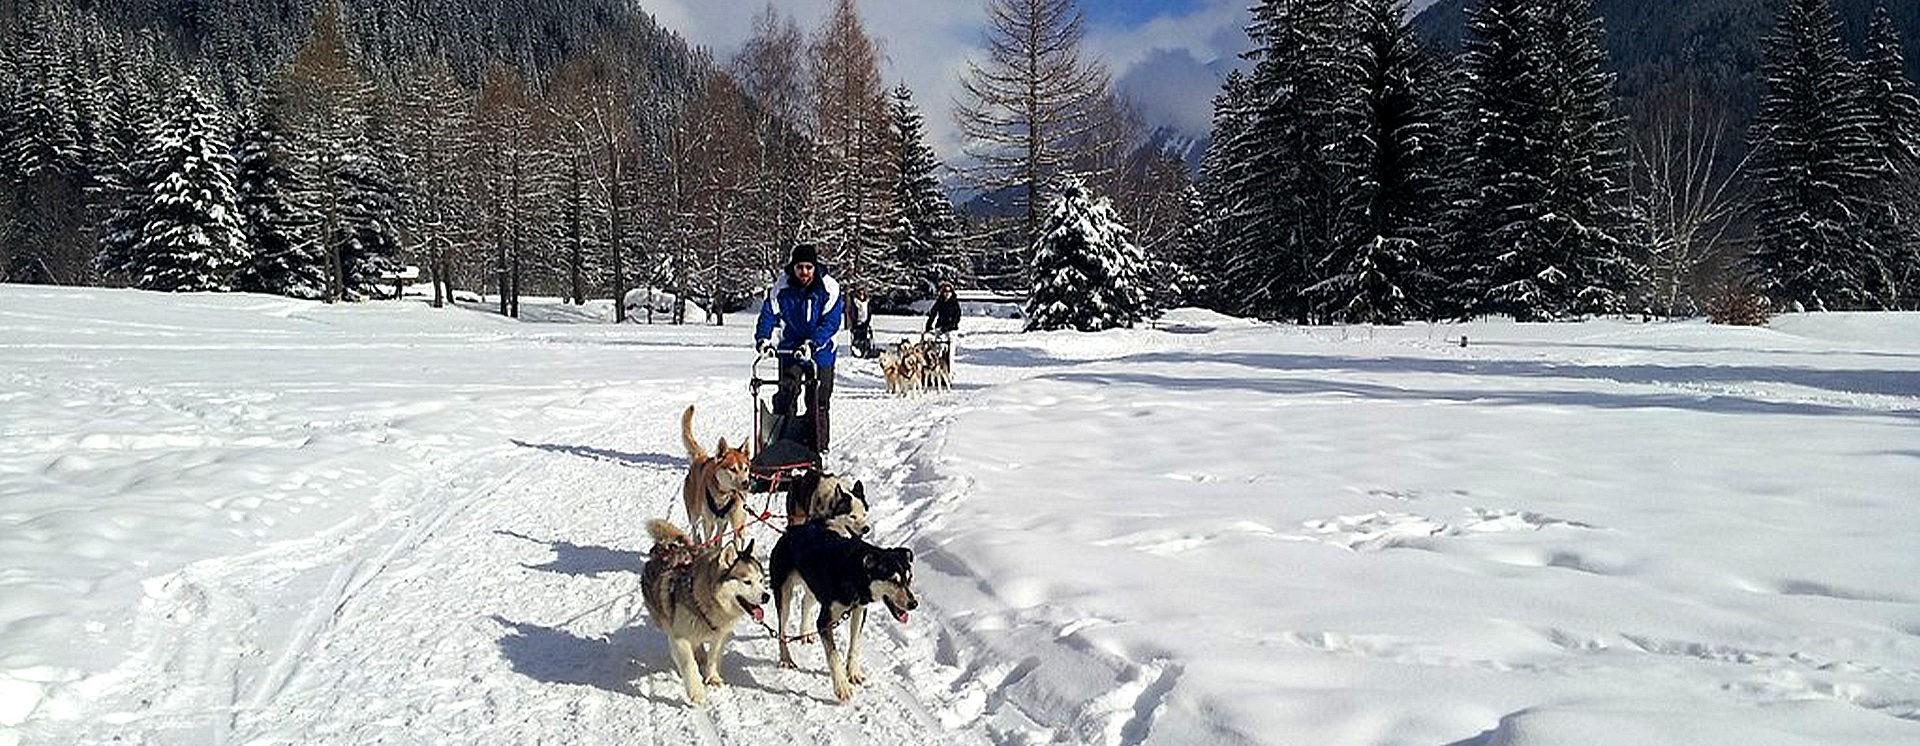 Dog Sleigh Rides & Snowshoe Hike